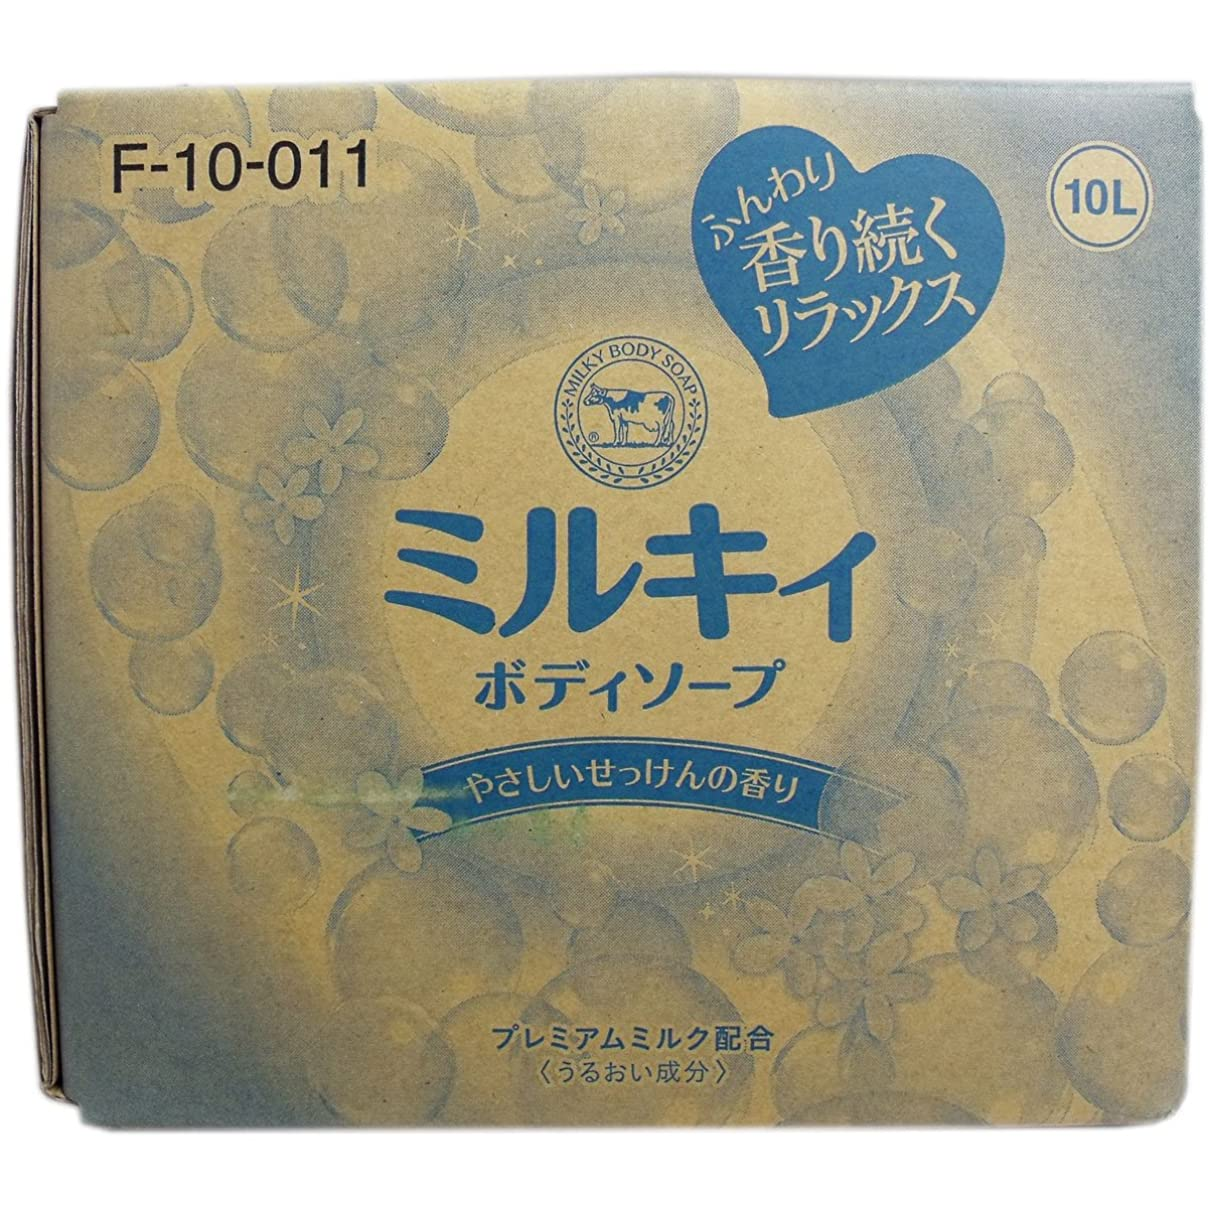 サーキュレーション冗談で吐き出す牛乳石鹸 ミルキィボディソープ ミルキィボディソープ 業務用 1個